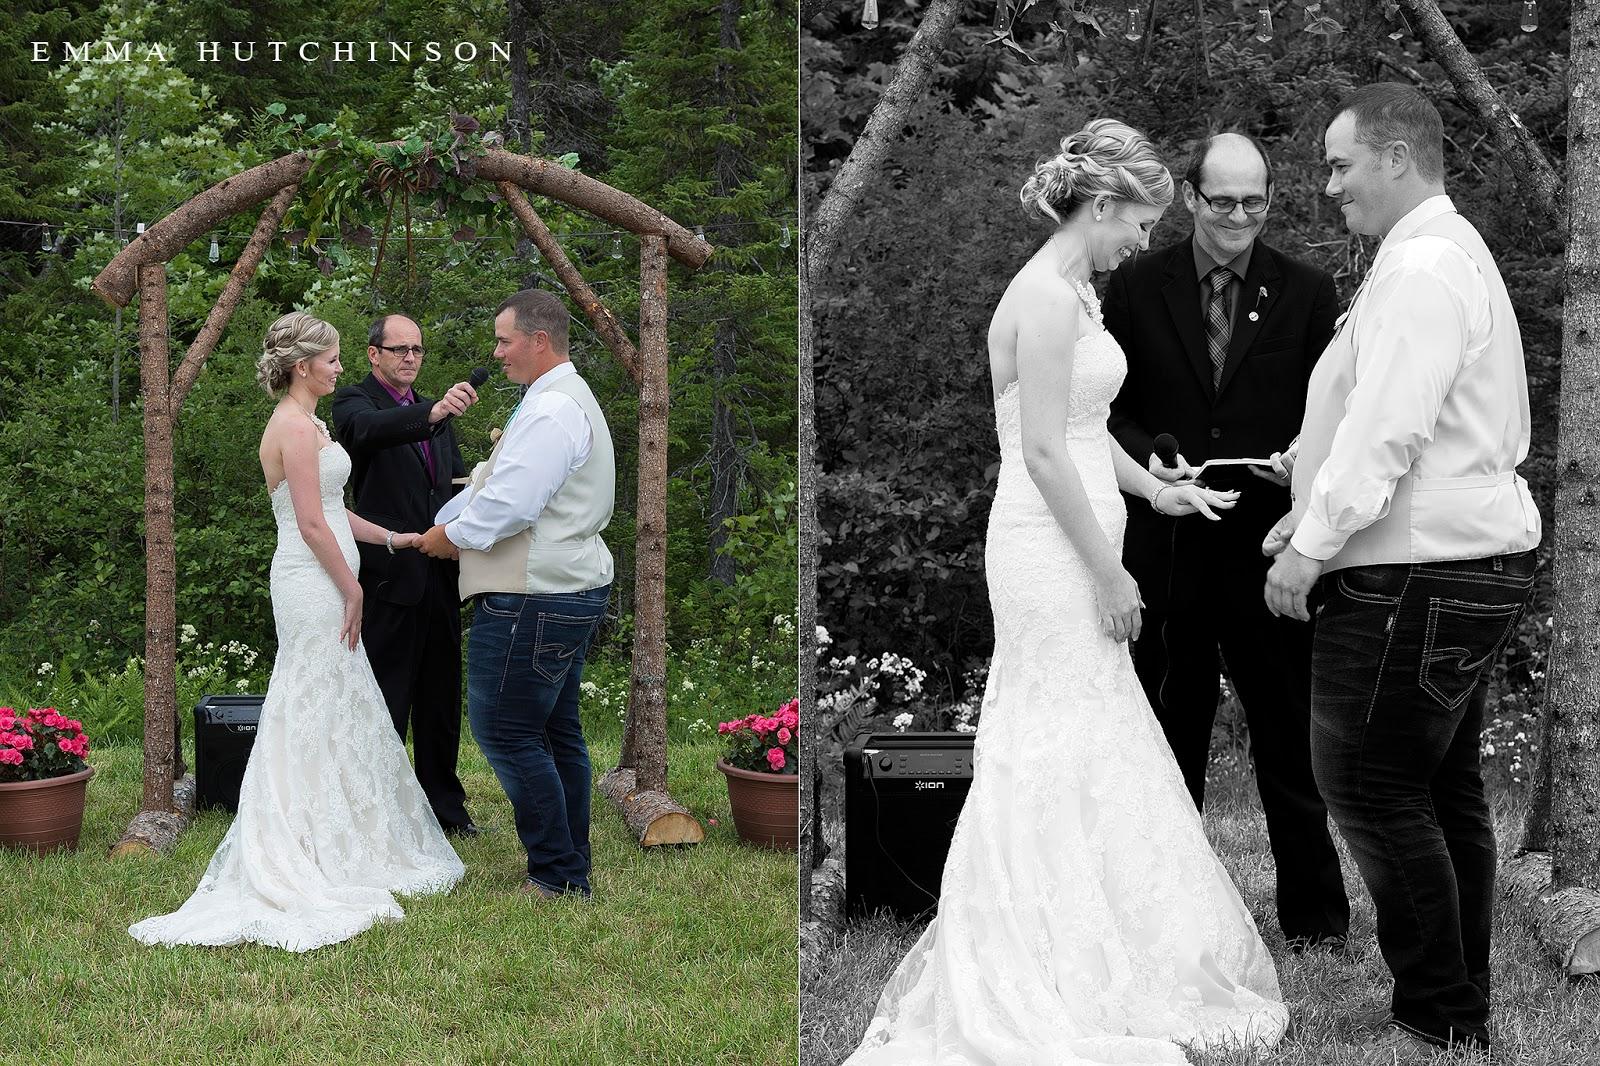 Newfoundland backyard weddings - wedding photography by Emma Hutchinson